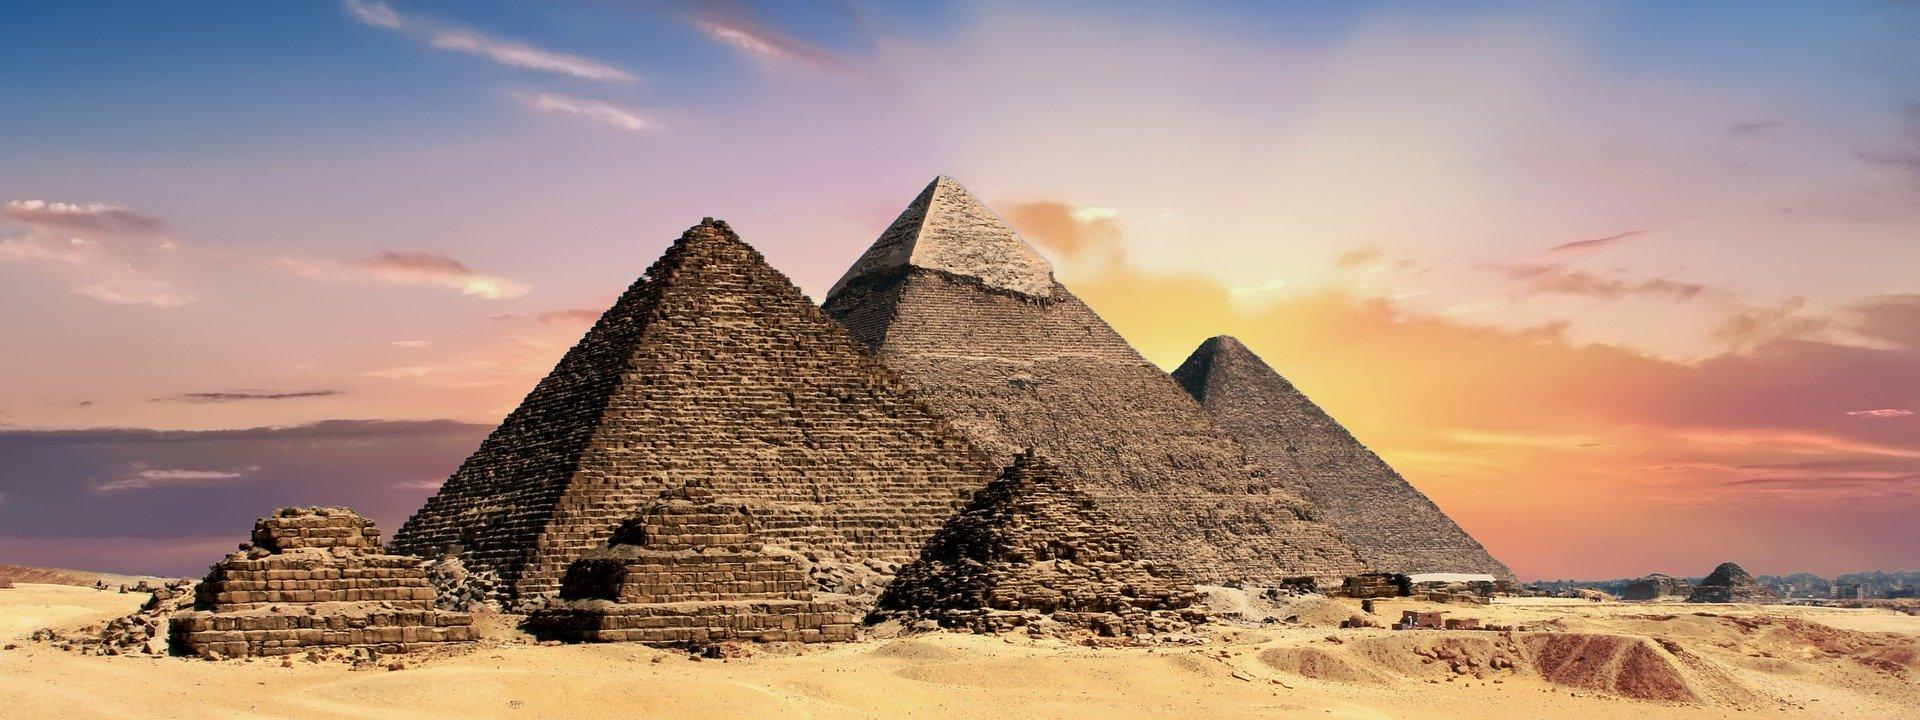 pyramids-2371501_1920